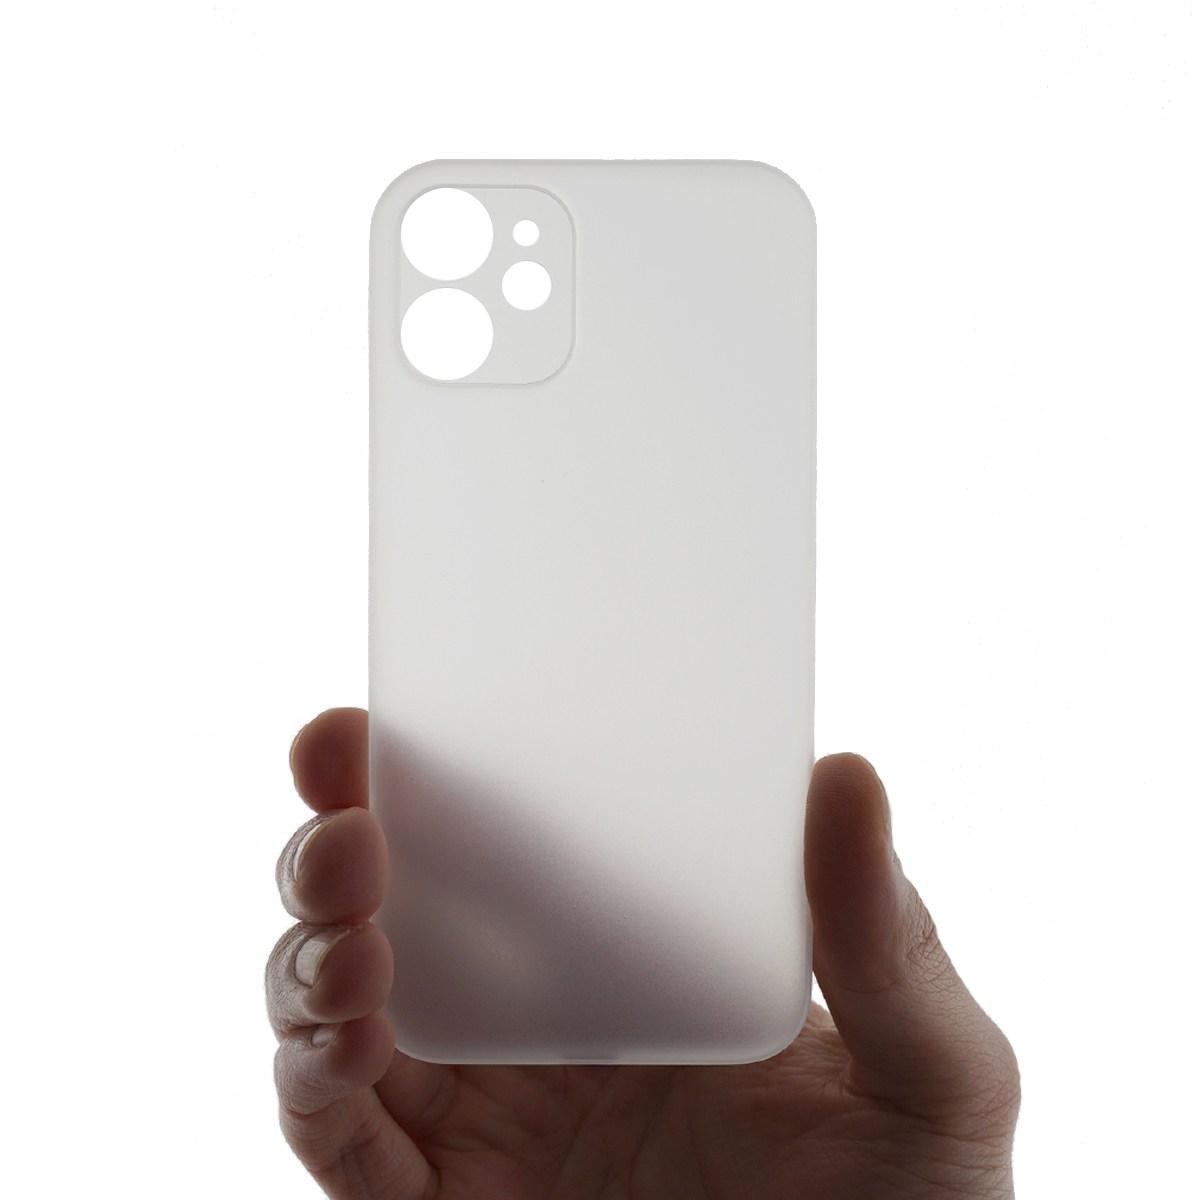 제트스킨 아이폰12 MINI 0.2mm 나노슬림 케이스